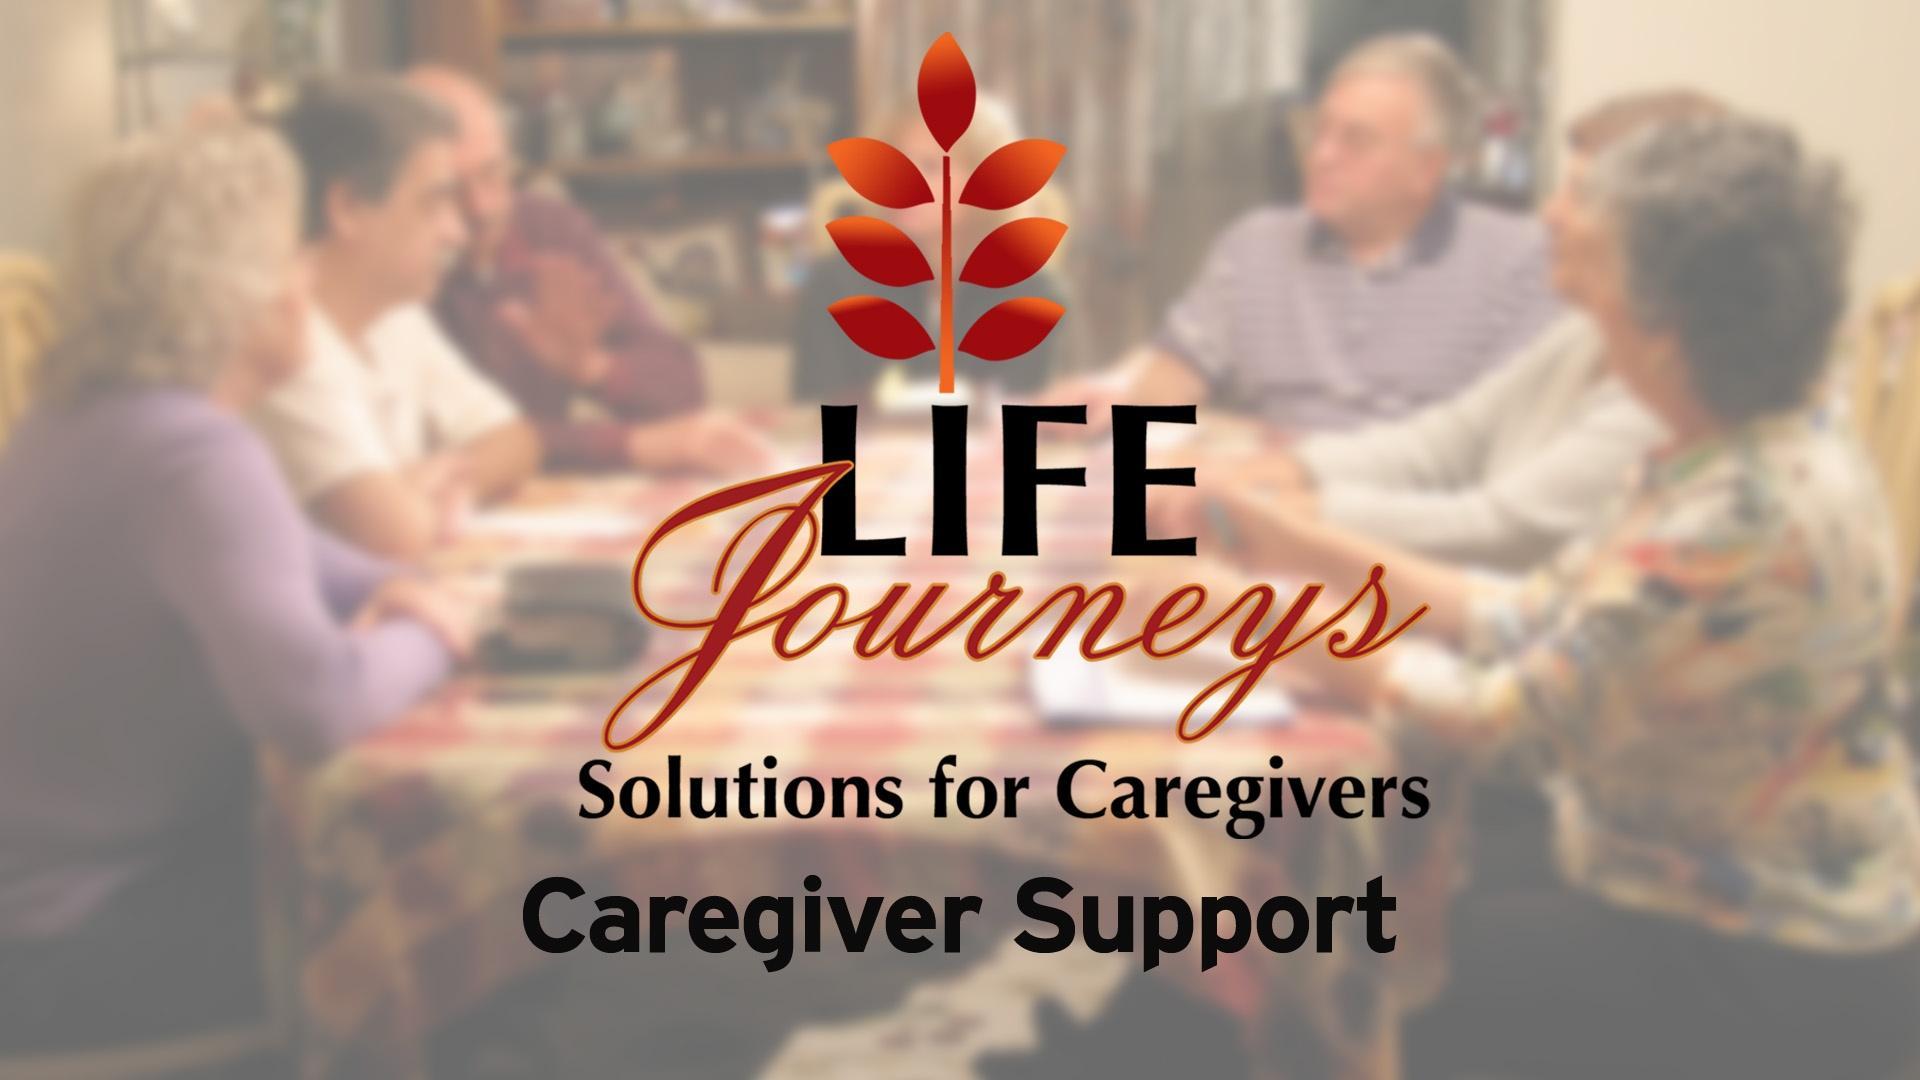 Life Journeys: Caregiver Support